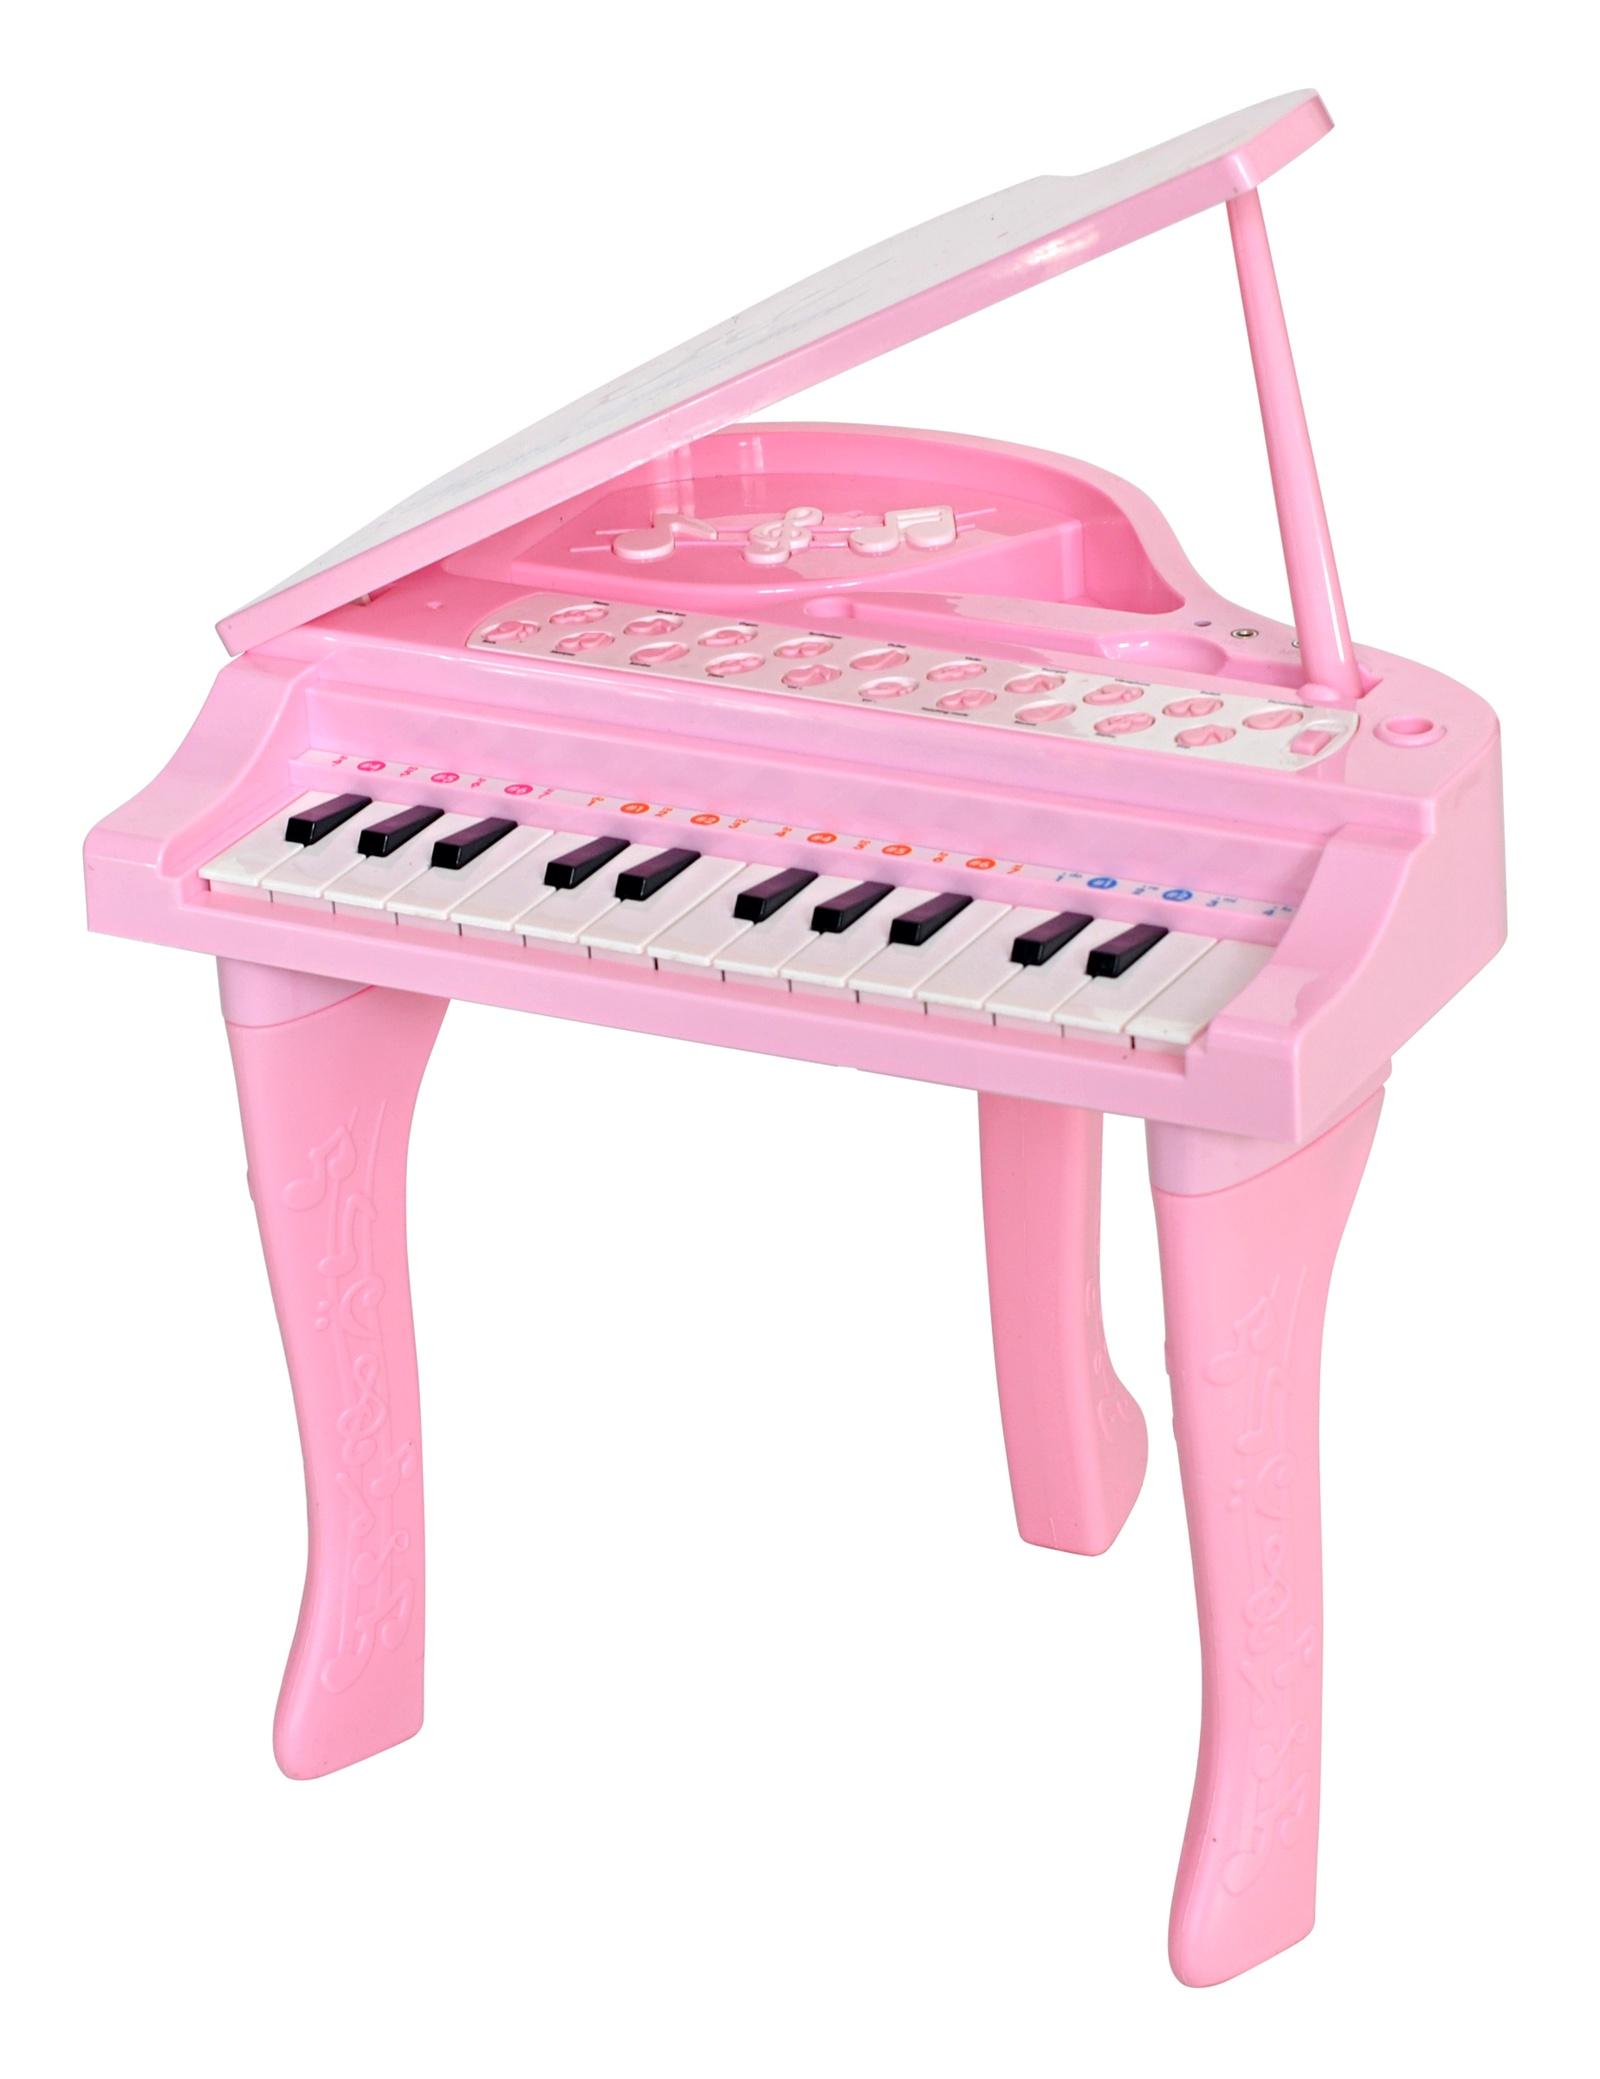 Детский музыкальный инструмент Everflo HS0356828ПП100004256Музыкальный детский центр Рояль привлечет внимание вашего малыша не только ярким цветом, но и множеством мелодий. Забавный музыкальный инструмент поможет вашему малышу развить творческие способности. Рояль с малых лет воспитывает любовь к музыке и тренирует музыкальный вкус. Каждой клавише на рояле соответствует определенный звук, и кроха сможет создавать собственные шедевры. Рояль имеет микрофон, подставку для микрофона, звуковые эффекты имитирующие работу настоящего синтезатора, имитация игры на разных музыкальных инструментах, функция записи и воспроизведения игры, поддерживает 7 звуков музыкальных инструментов, 4 ритма, регулировка громкости, 25 клавиш, работает от внешнего USB либо от 4 батареек АА (в комплект не входит), присутствует вход для подключения MP3 плеера Габариты 32*26*29, вес 1,4кг. Упаковка 52*34*8, вес 1,6кг. В упаковке 16 шт.)